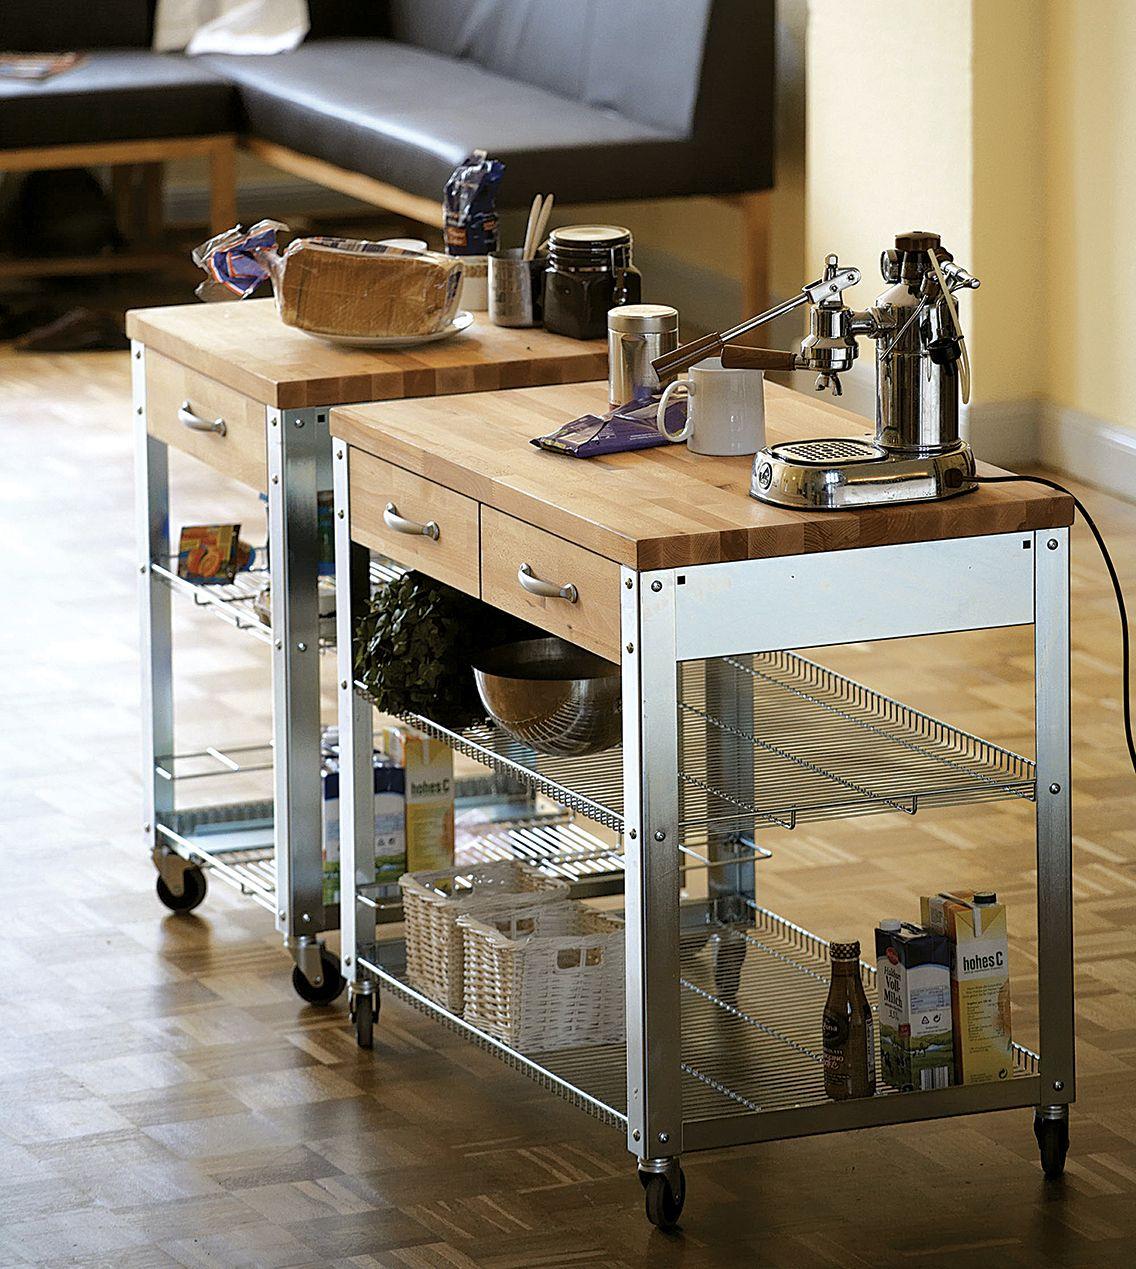 der k chenwagen culinara erweist sich als praktischer helfer in jeder k che er bietet. Black Bedroom Furniture Sets. Home Design Ideas